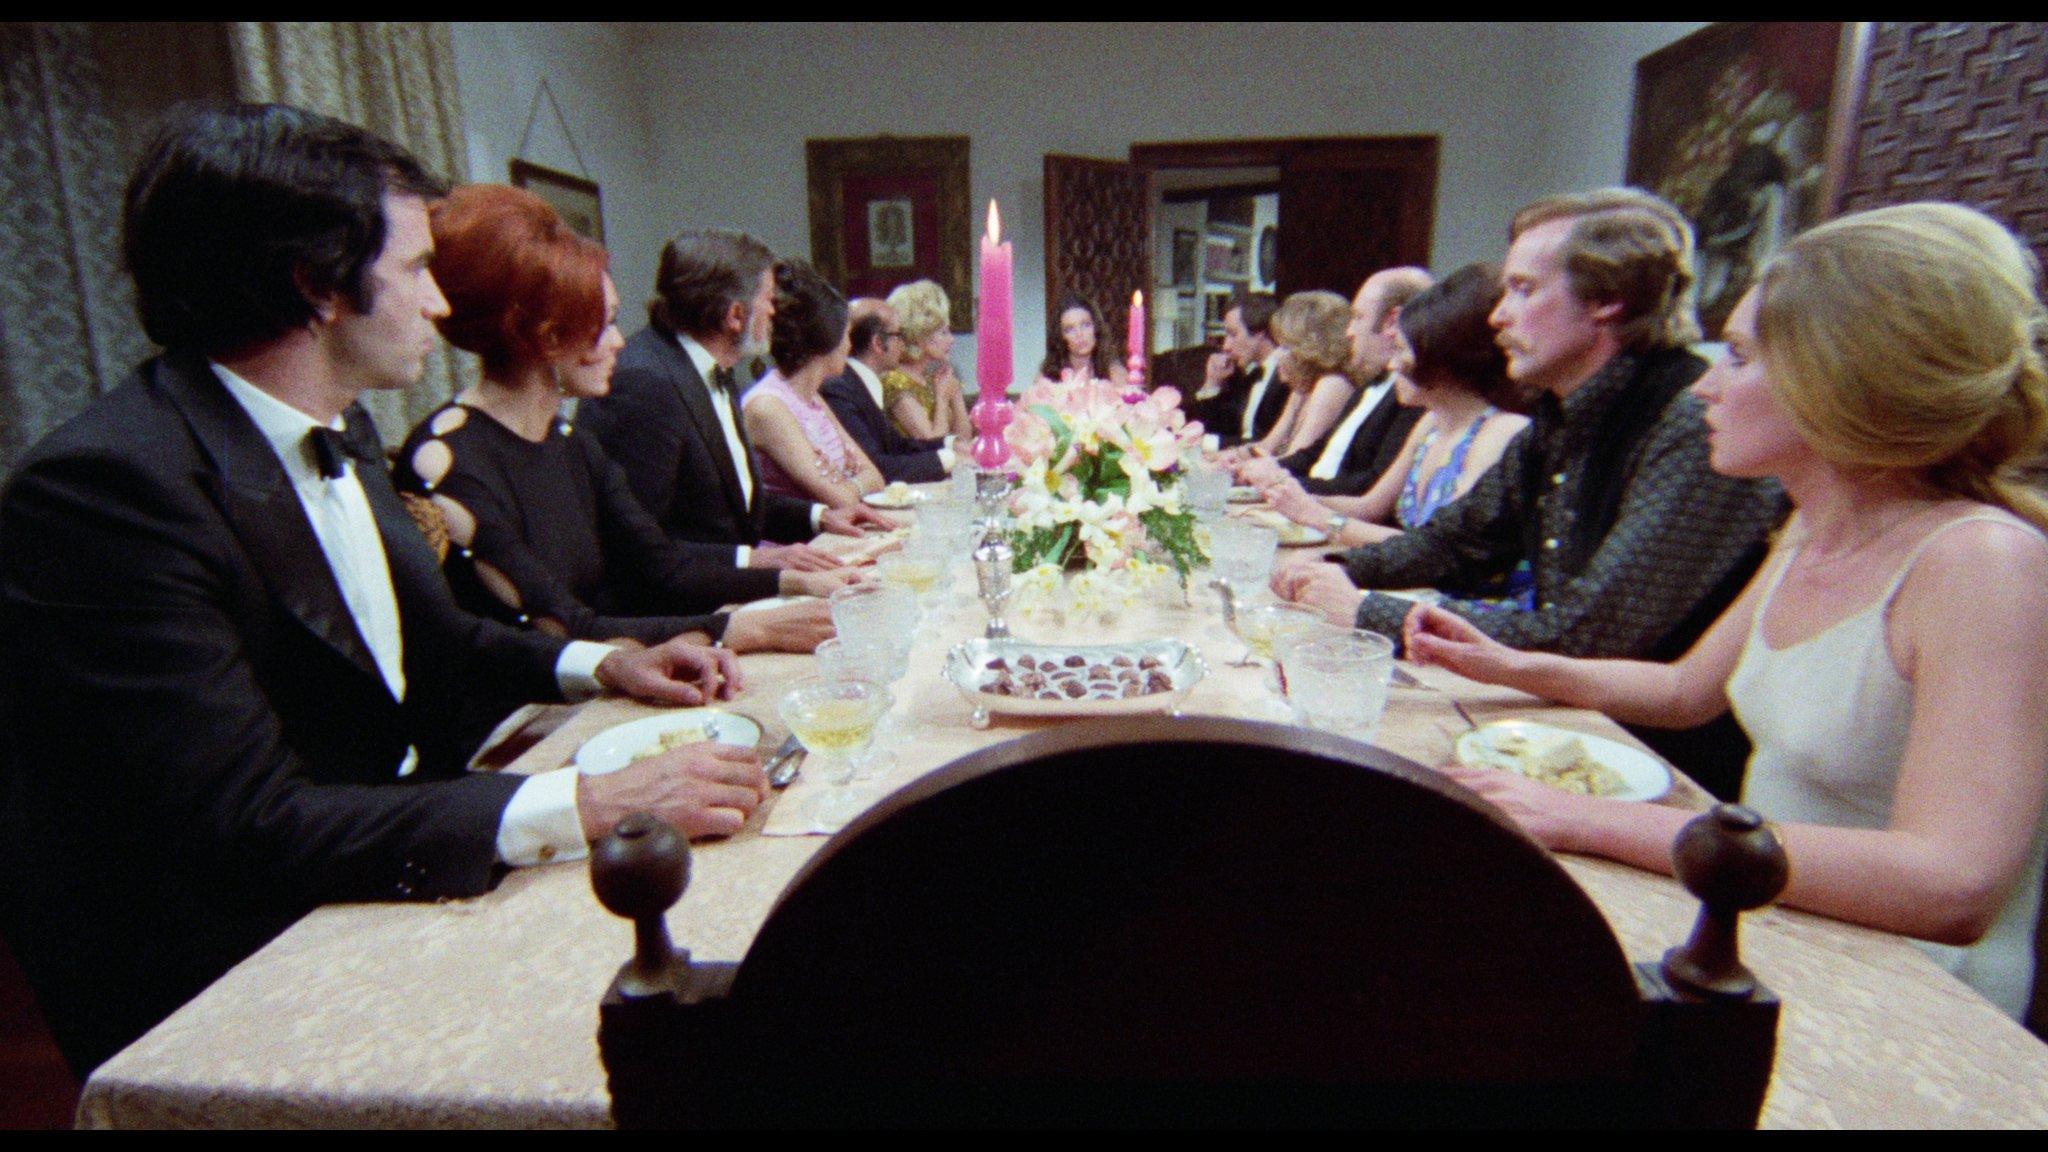 Trini Alonso, Simón Andreu, Paloma Cela, May Heatherly, José María Prada, Patty Shepard, Jack Taylor, and Dyanik Zurakowska in El asesino está entre los trece (1973)